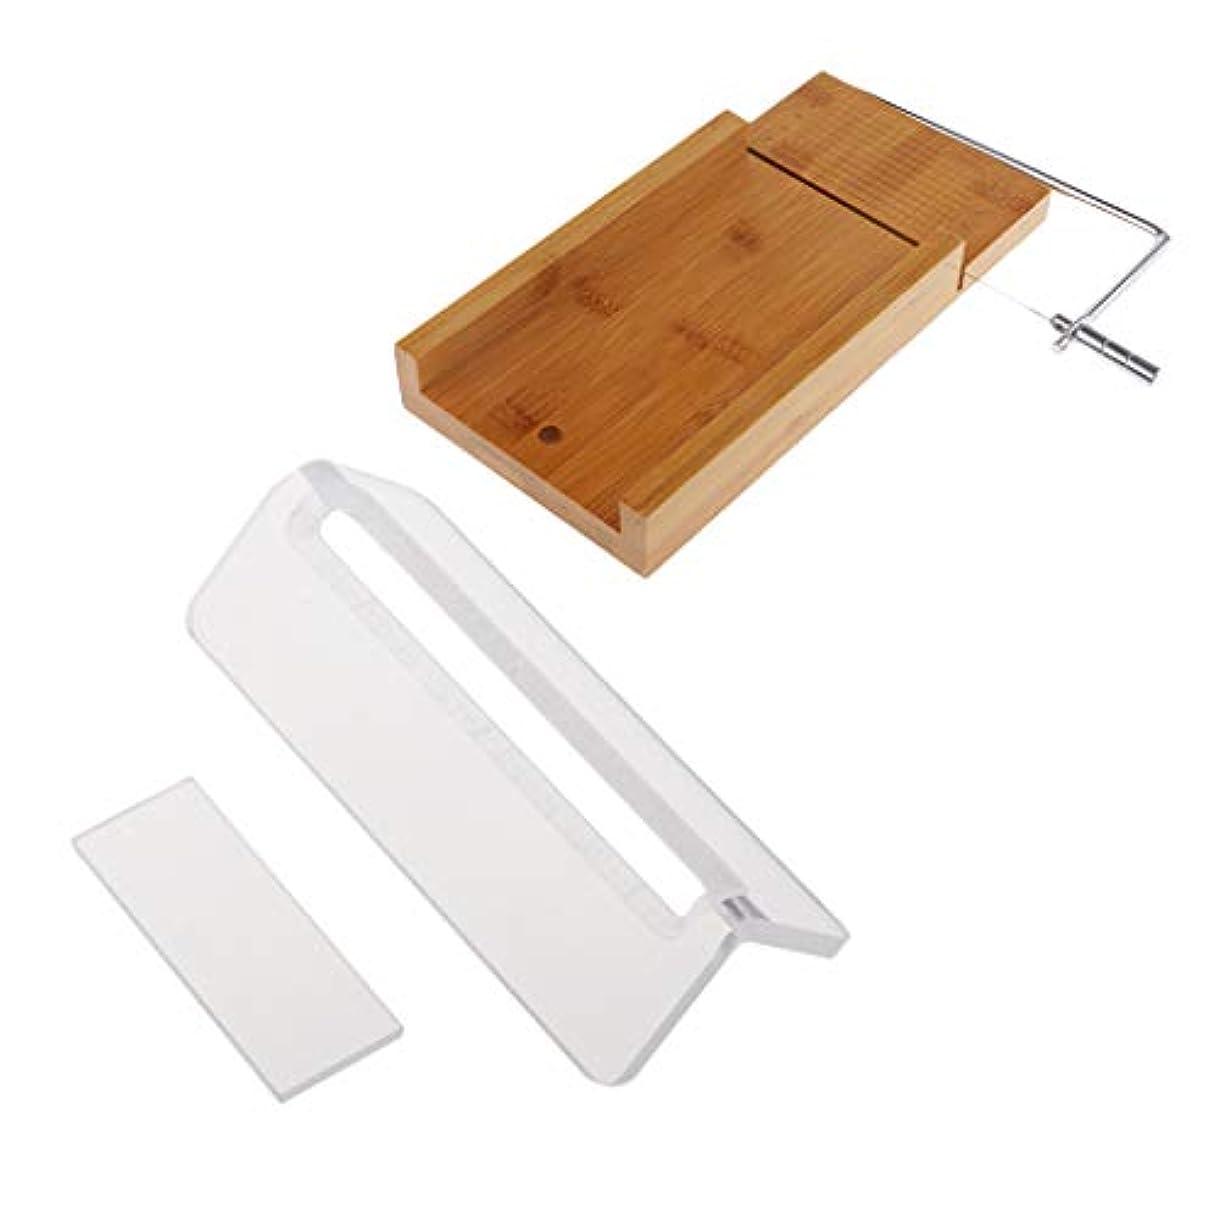 動物考えたアラバマ木製 石鹸カッター 石けん 包丁 せっけんカッター ソープカッター チーズカッター 多機能 丈夫 2個入り